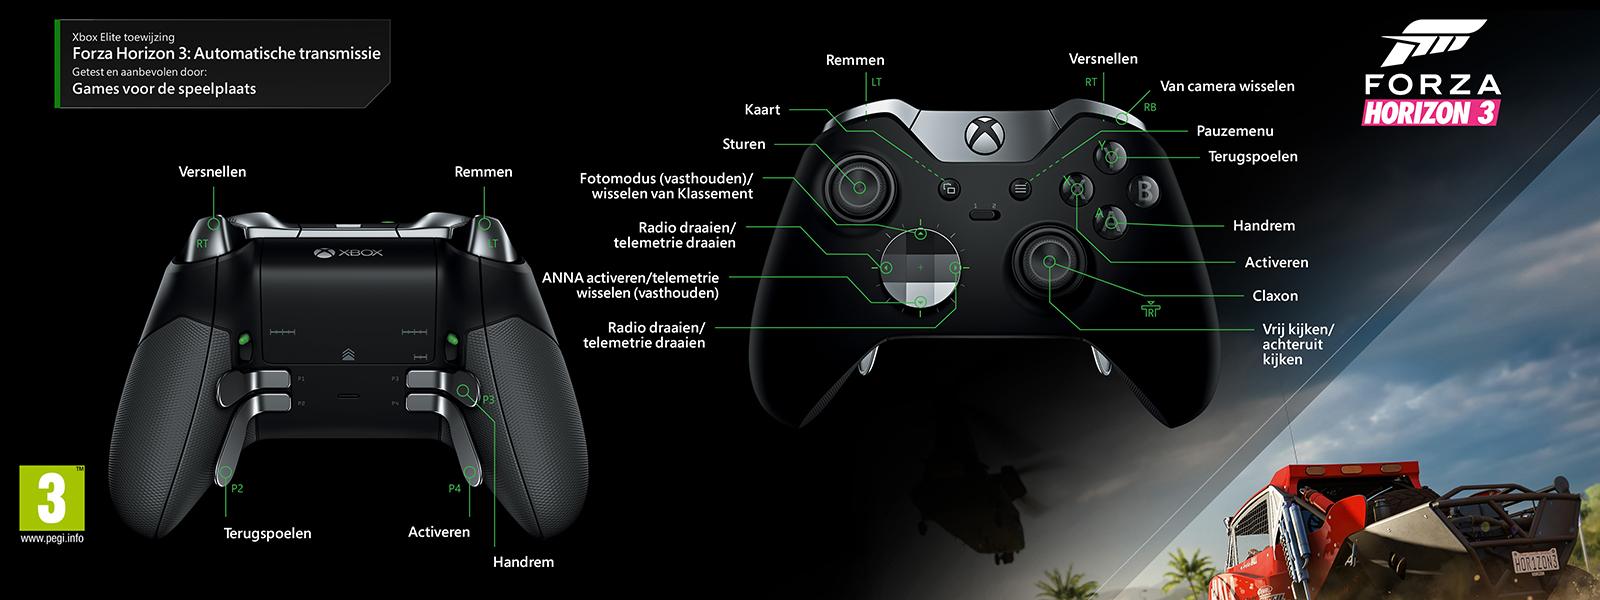 Forza Horizon 3 - Elite-mapping voor automatisch schakelen